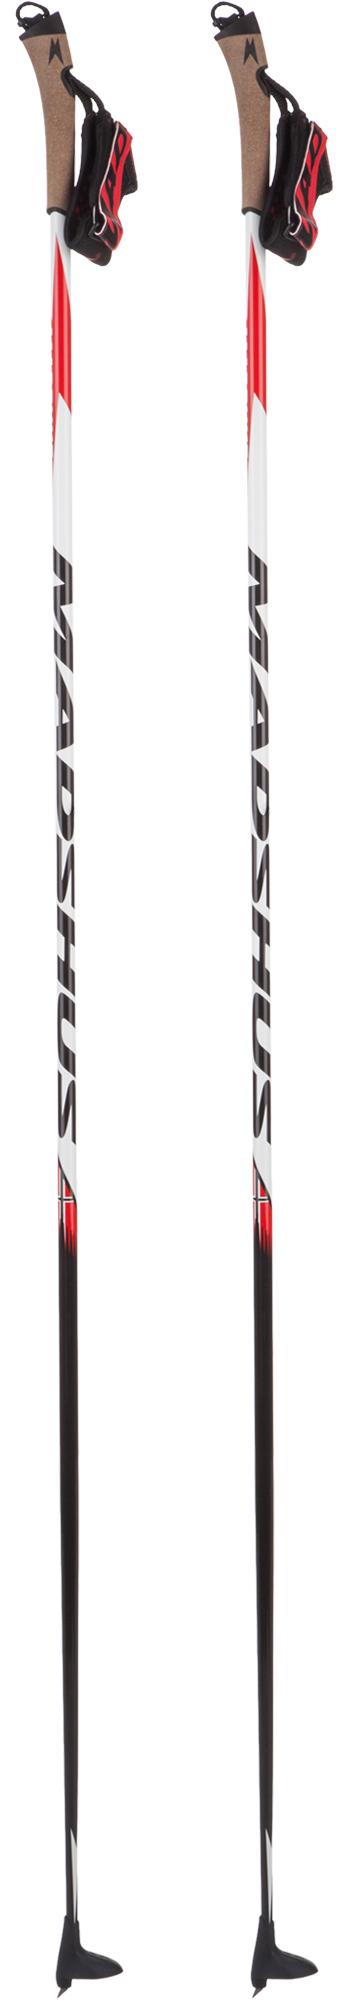 Madshus Палки для беговых лыж Madshus CR100HS цикл палки лыжные с рисунком 100 см цикл